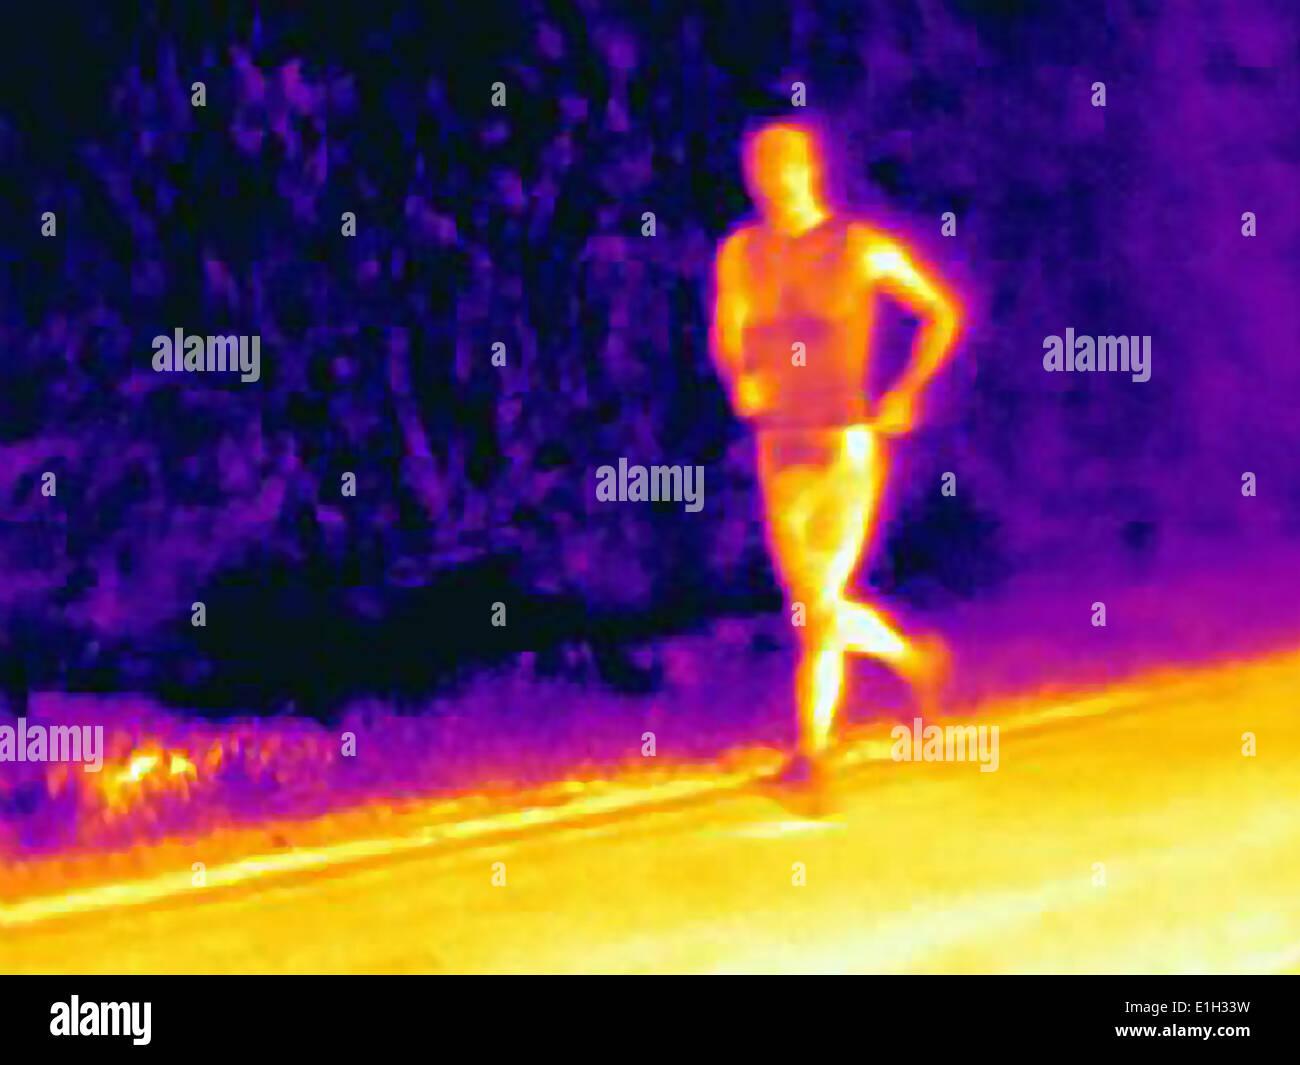 Vorderansicht thermische Foto des jungen männlichen Athleten laufen. Das Bild zeigt die Wärme der Muskulatur Stockbild